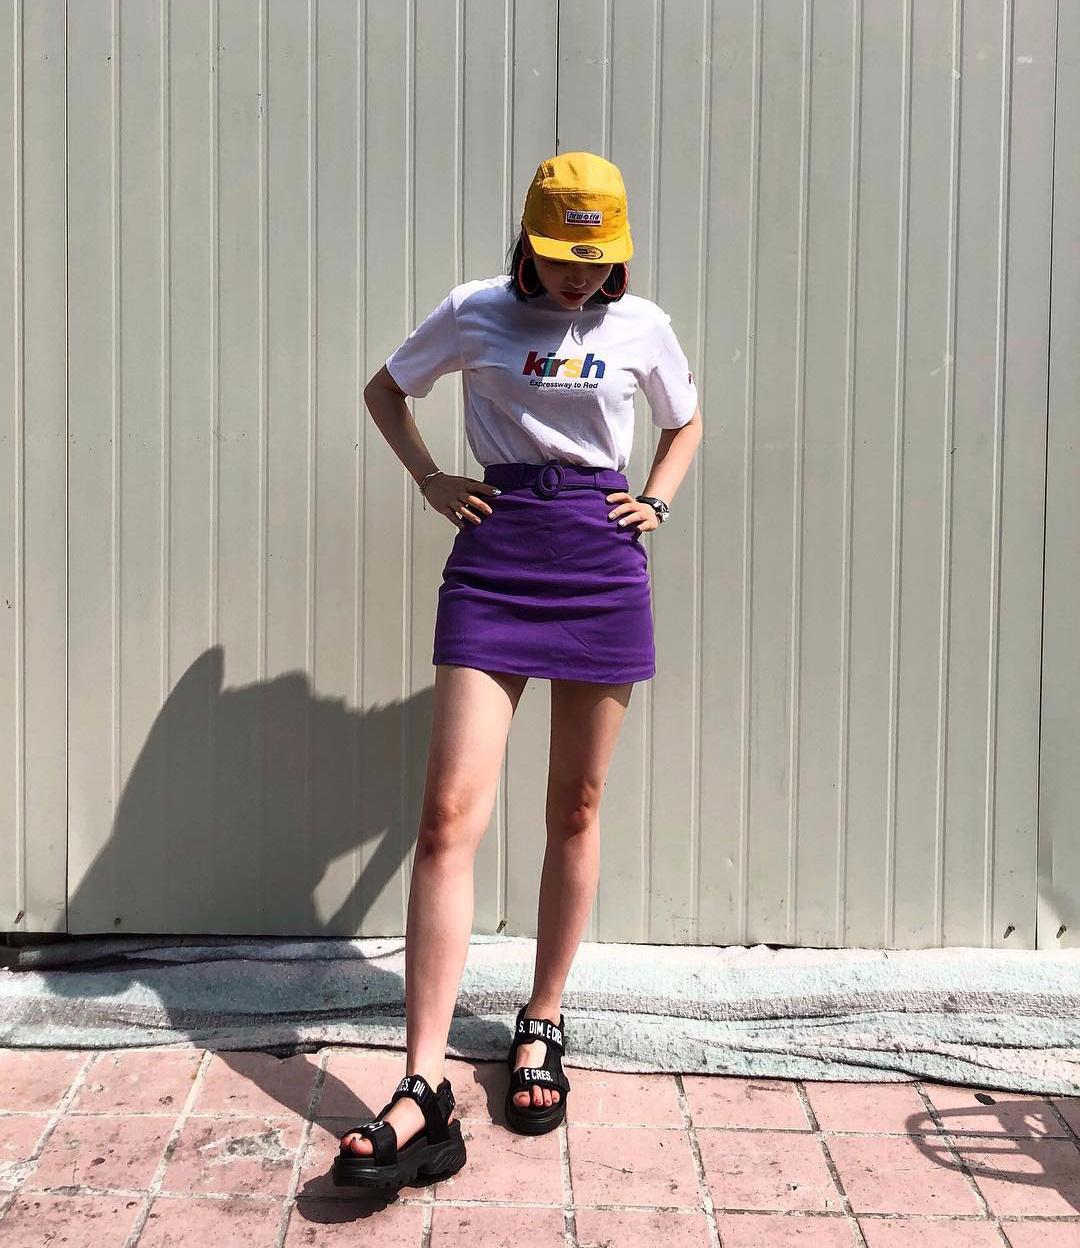 Áo phông và chân váy chữ A luôn là cách mix kinh điển hiệu quả trong mọi trường hợp, giúp bạn có diện mạo khỏe khoắn, đúng mốt mà chẳng tốn nhiều công sức.